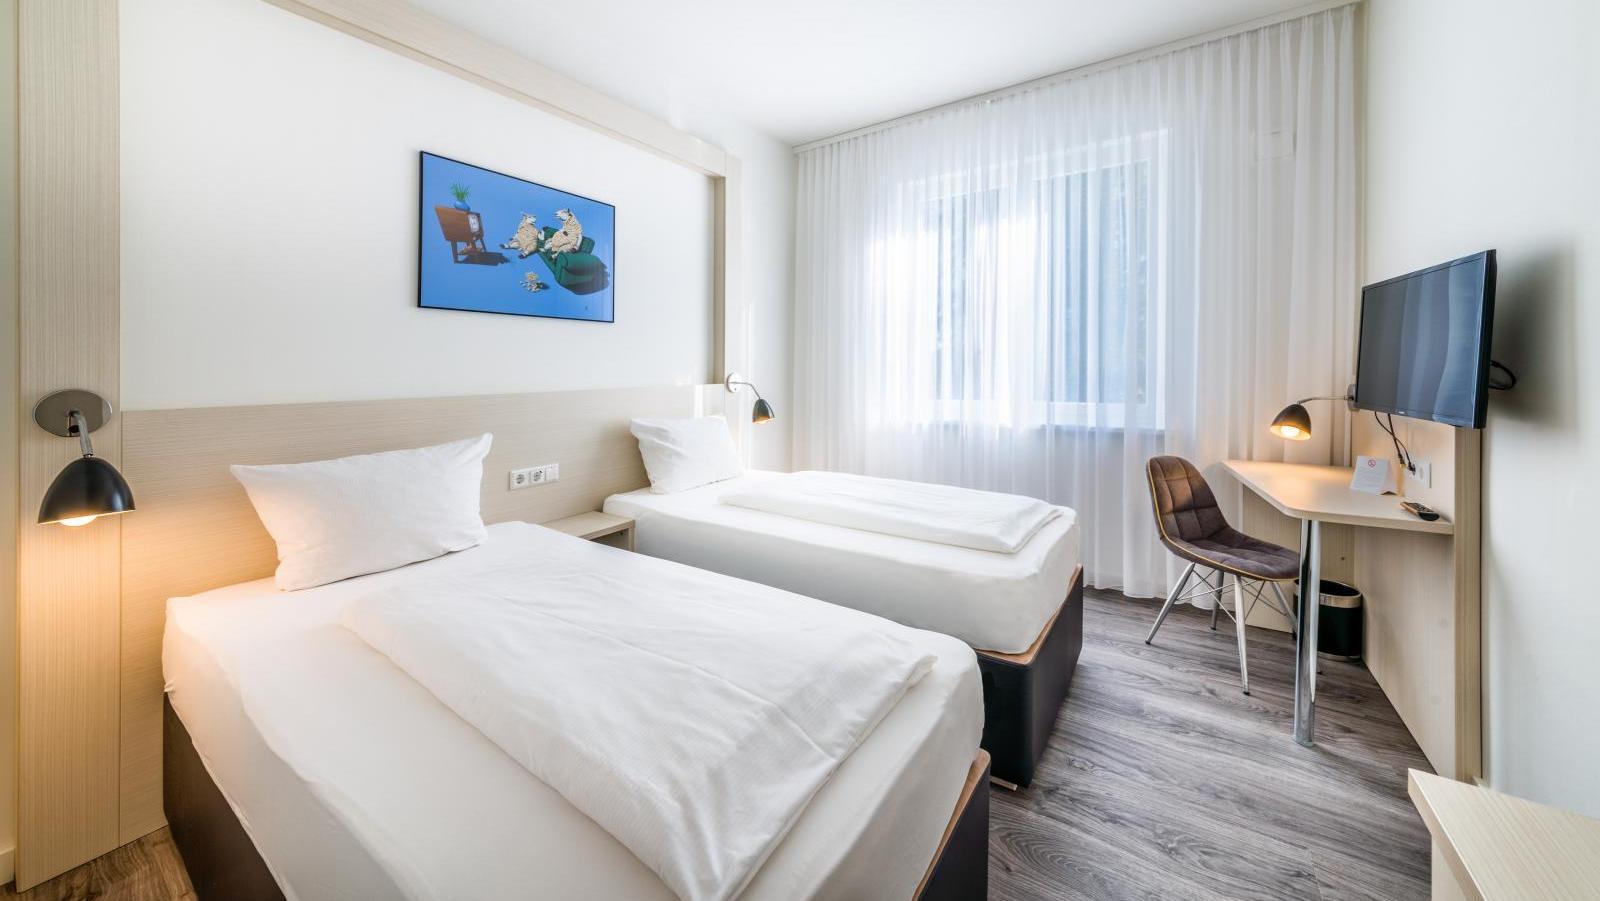 das hostel art style eingerichtete zimmer. Black Bedroom Furniture Sets. Home Design Ideas